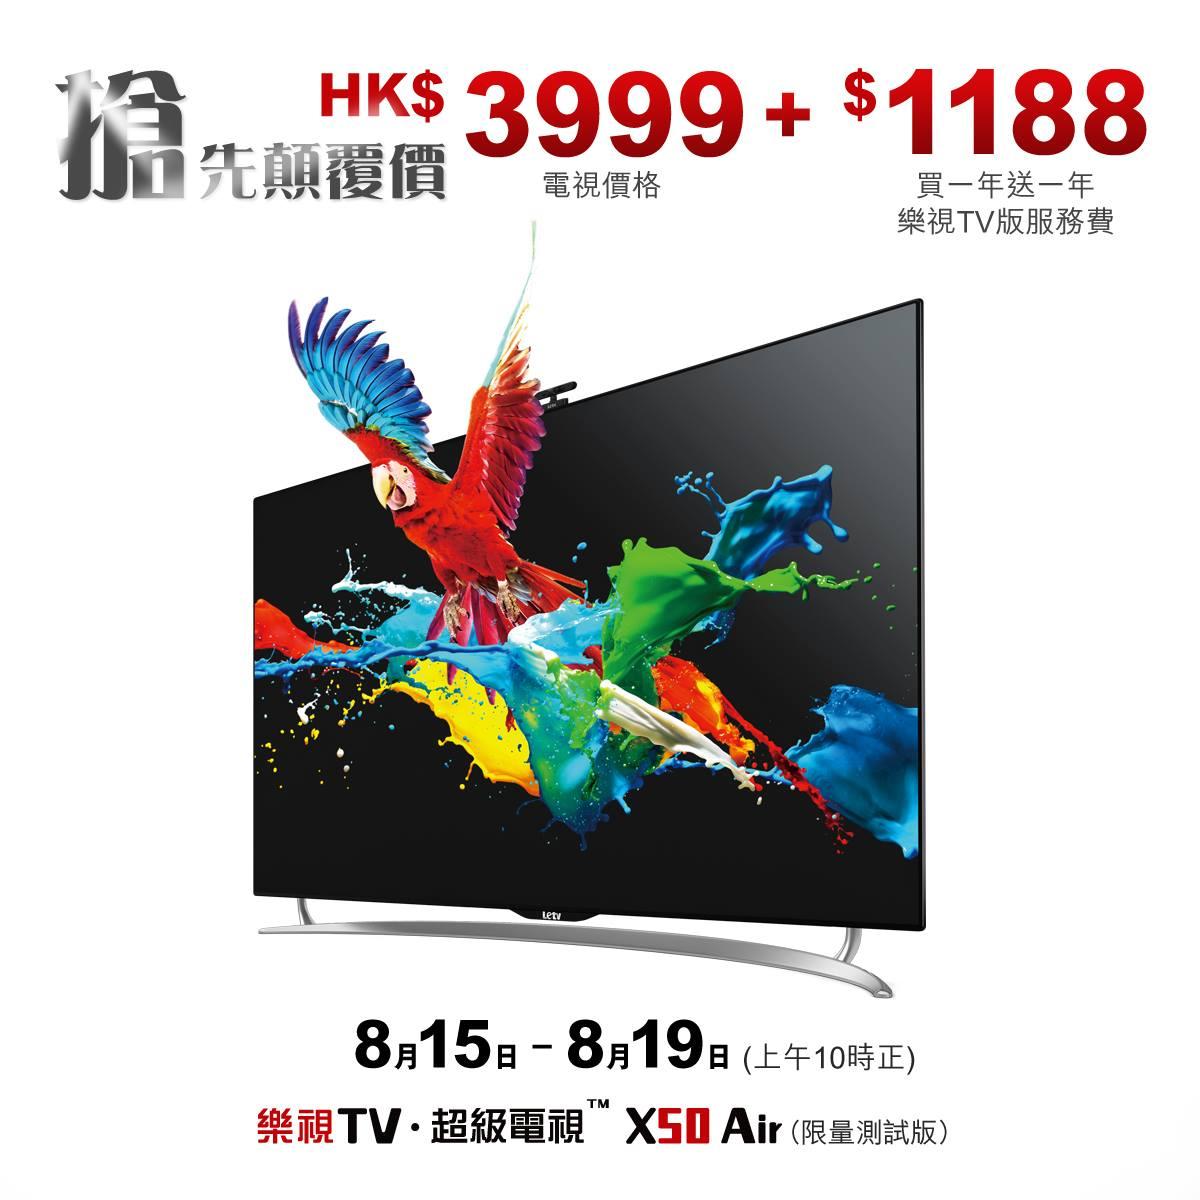 6 千唔洗必搶!100 部!樂視推出 X50 Air「限量測試版」